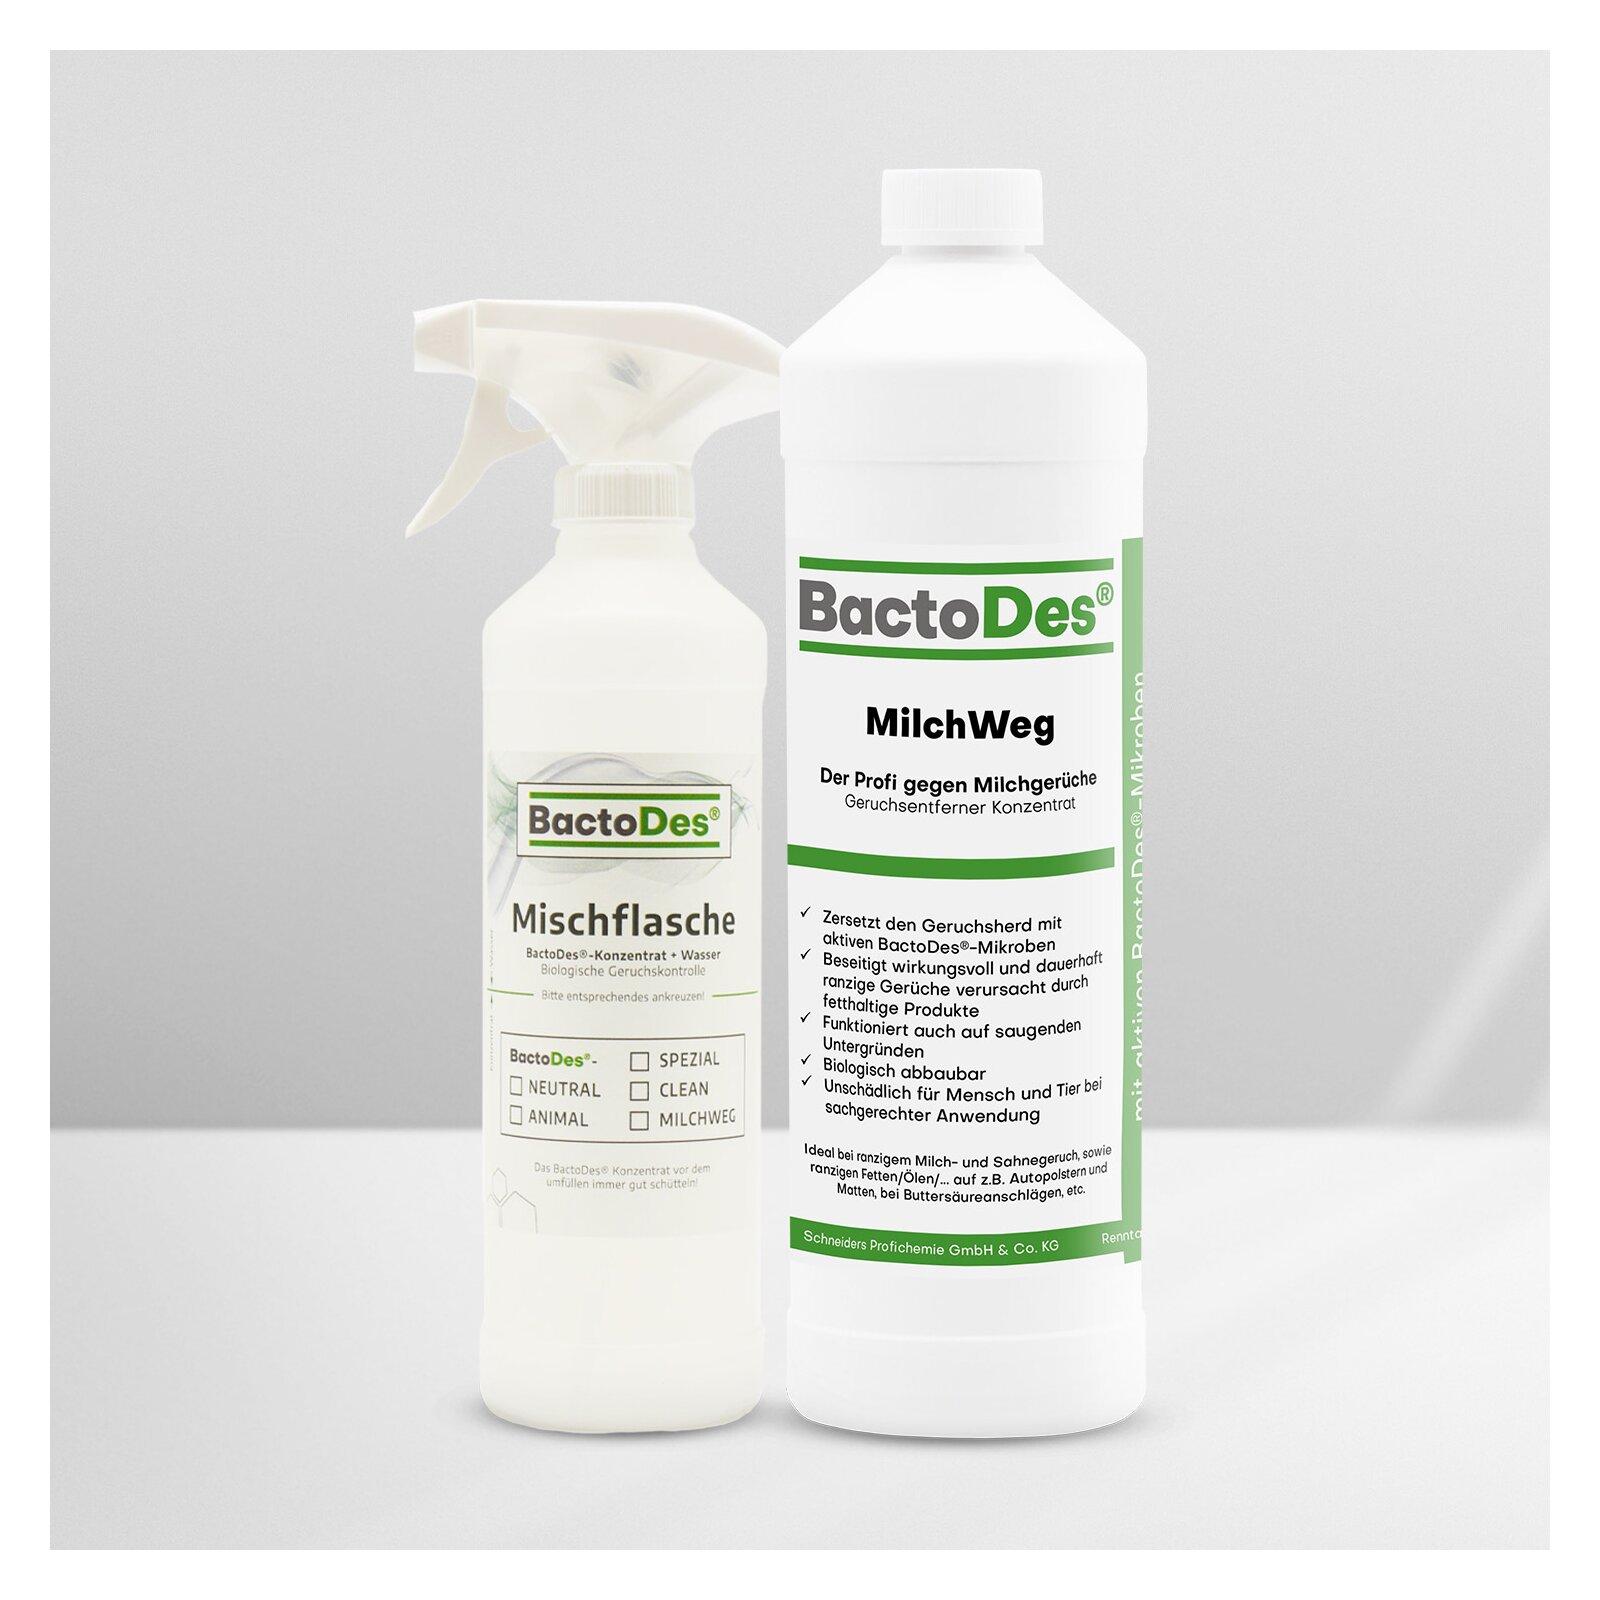 BactoDes®-MilchWeg Milchgeruch und Buttersäure Neutralisierer incl. 1 Misch- Und Sprühflasche